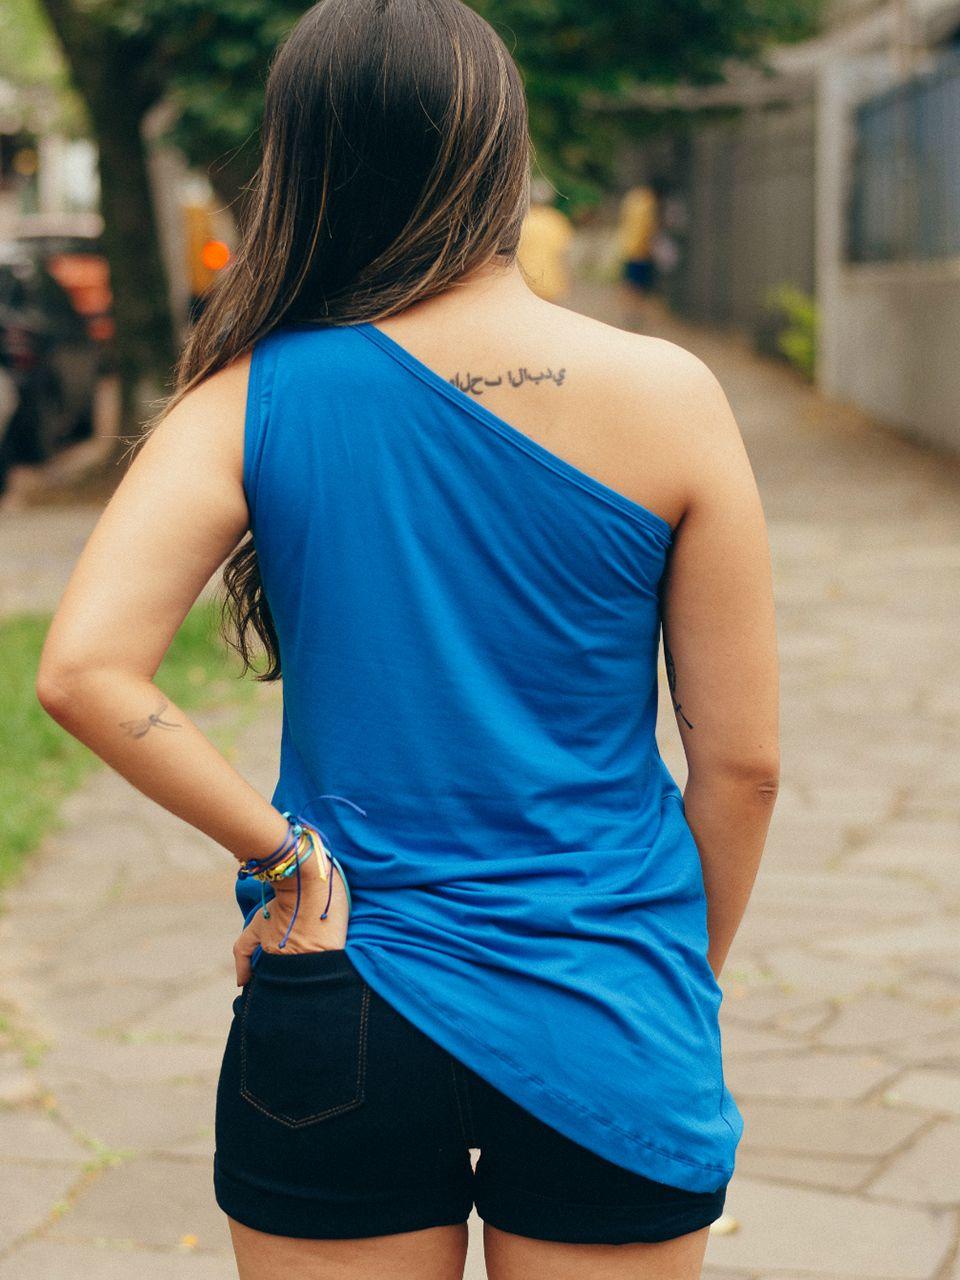 Regata um ombro só - Lo que importa es el camino